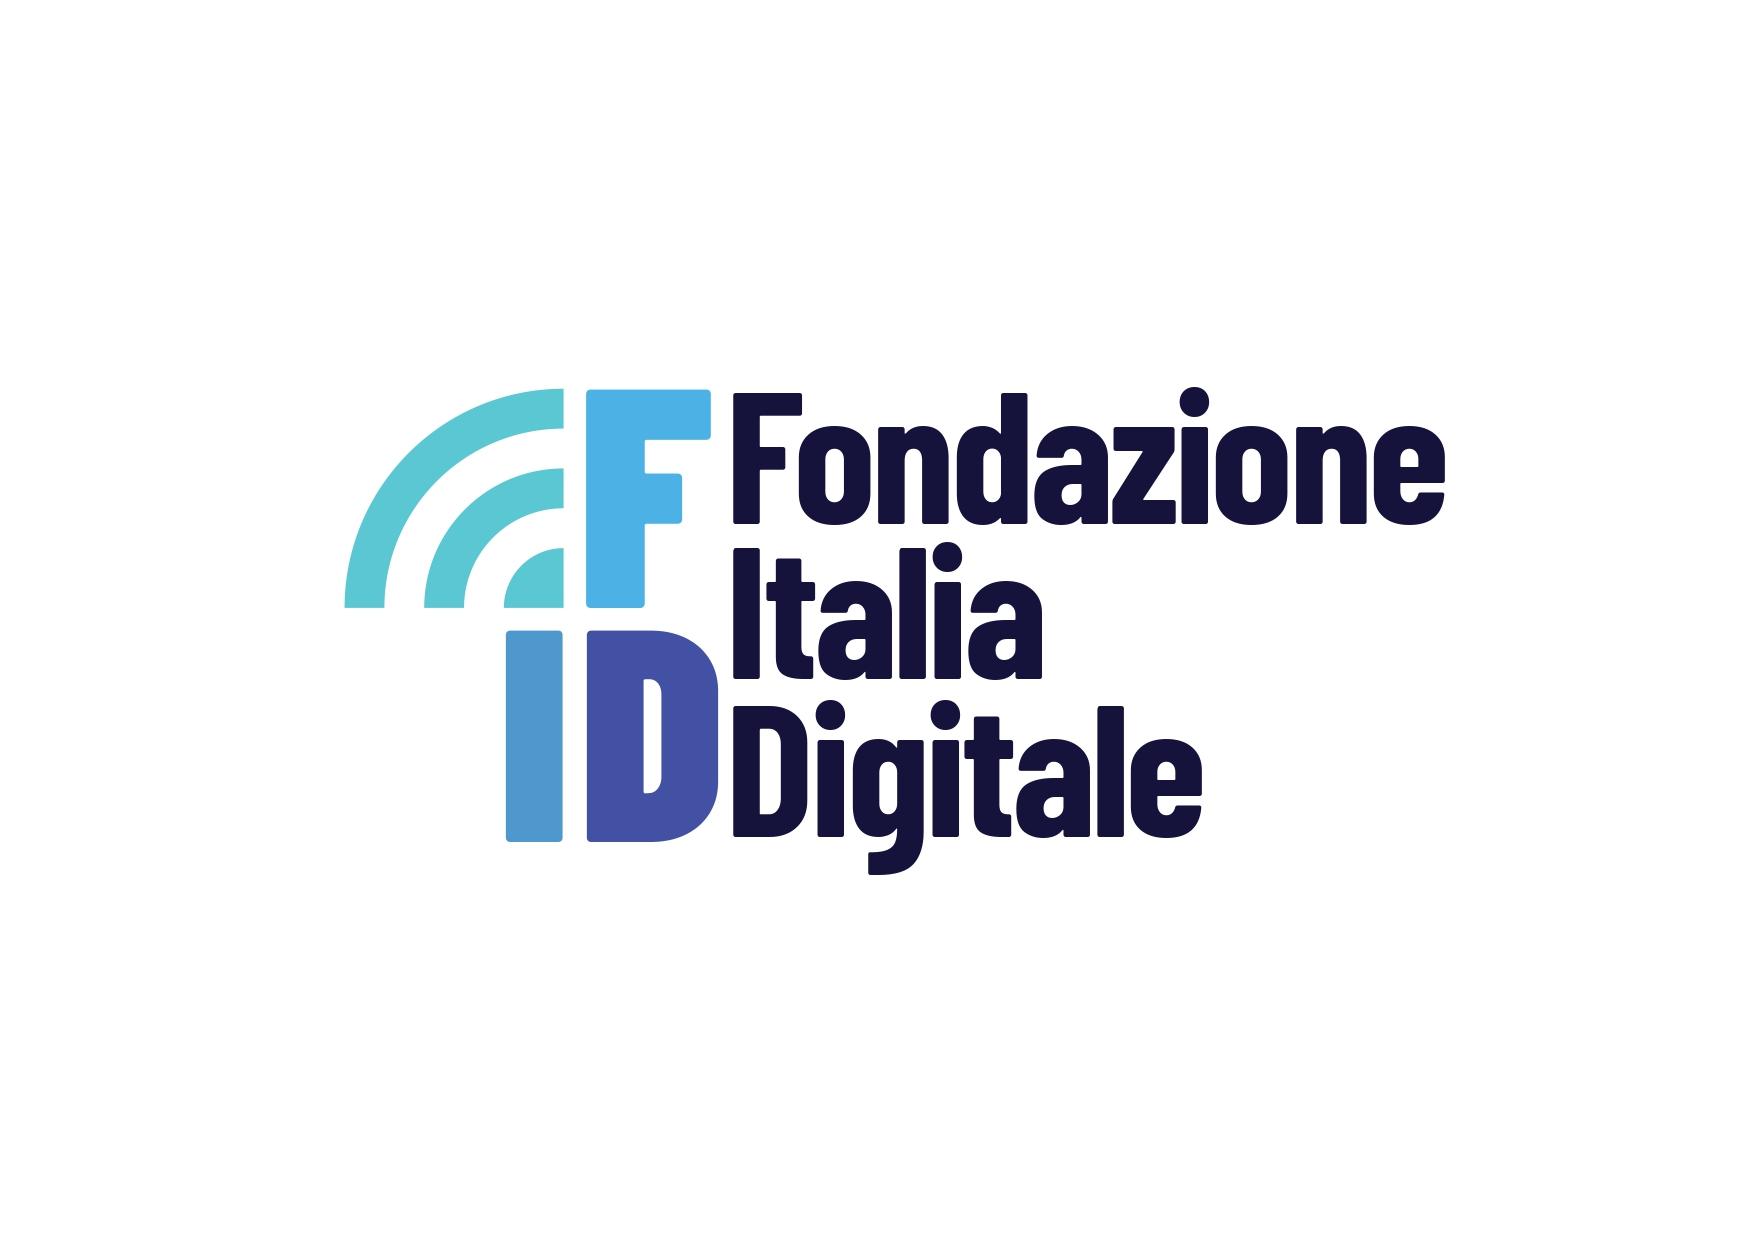 Fondazione Italia Digitale